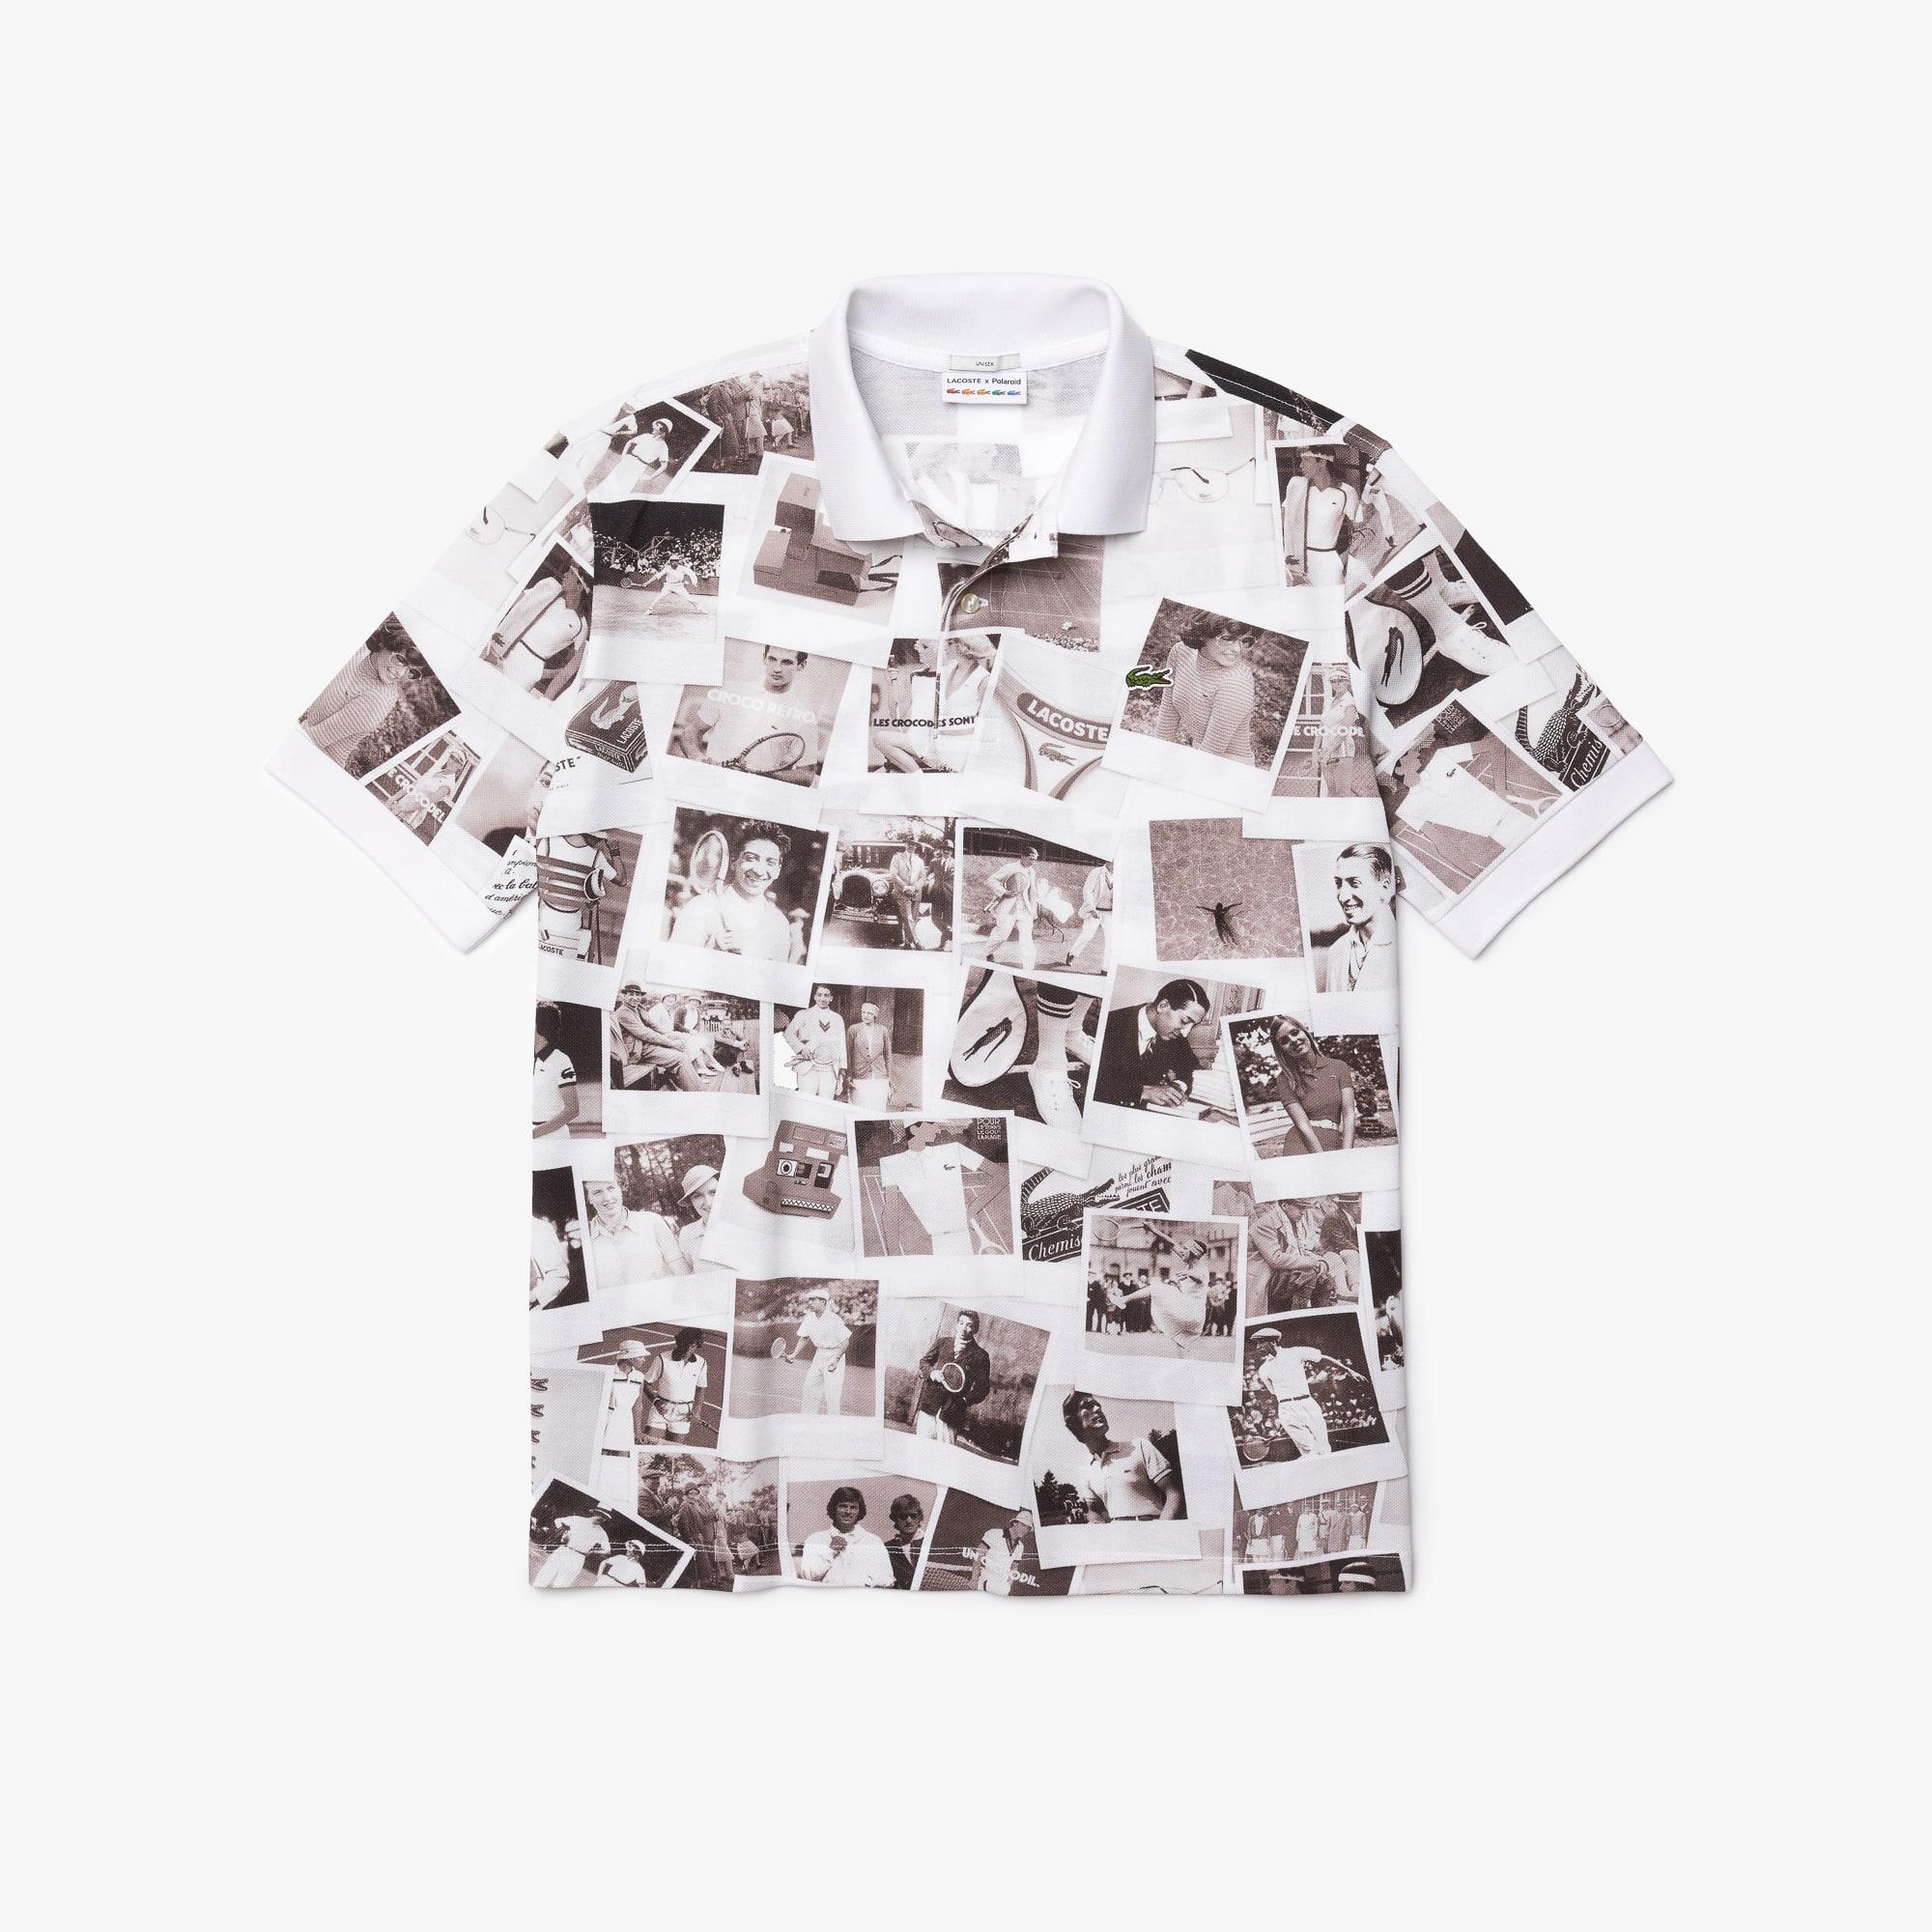 라코스테 남녀공용 라이브 라코스테 Lacoste Unisex LIVE Polaroid Collaboration Loose Fit Polo